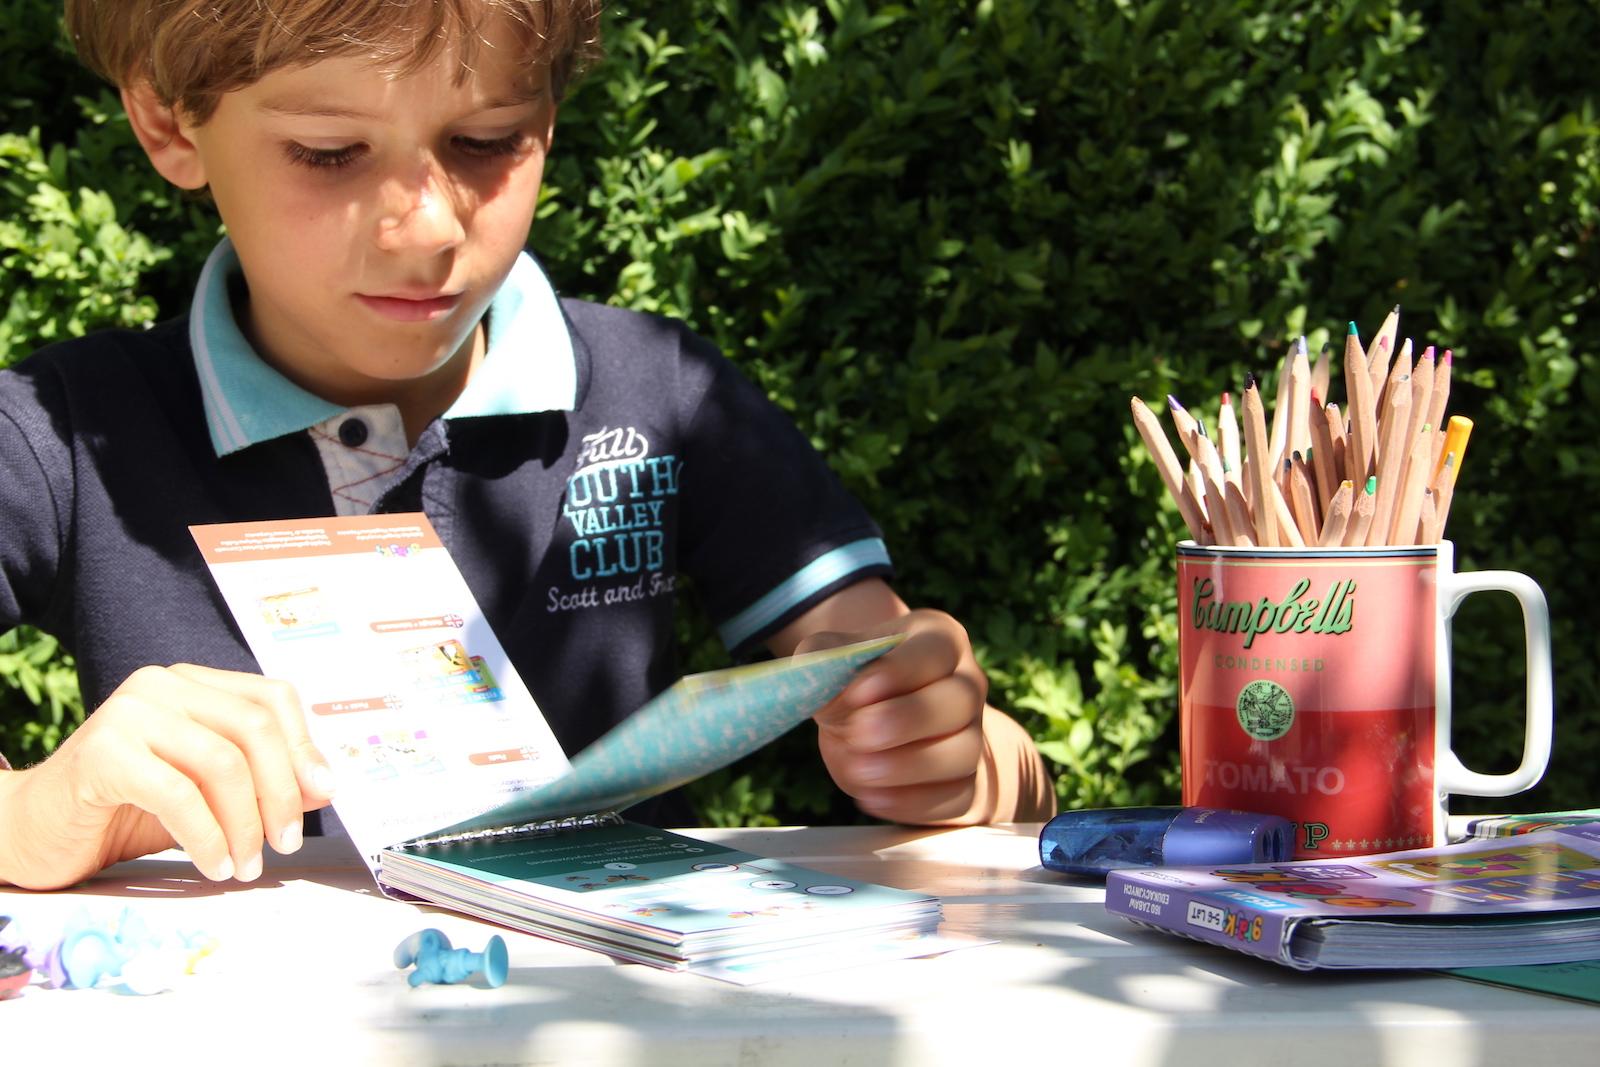 Nauka poprzez zabawę, czyli jak rodzice mogą wspierać swoje dzieci